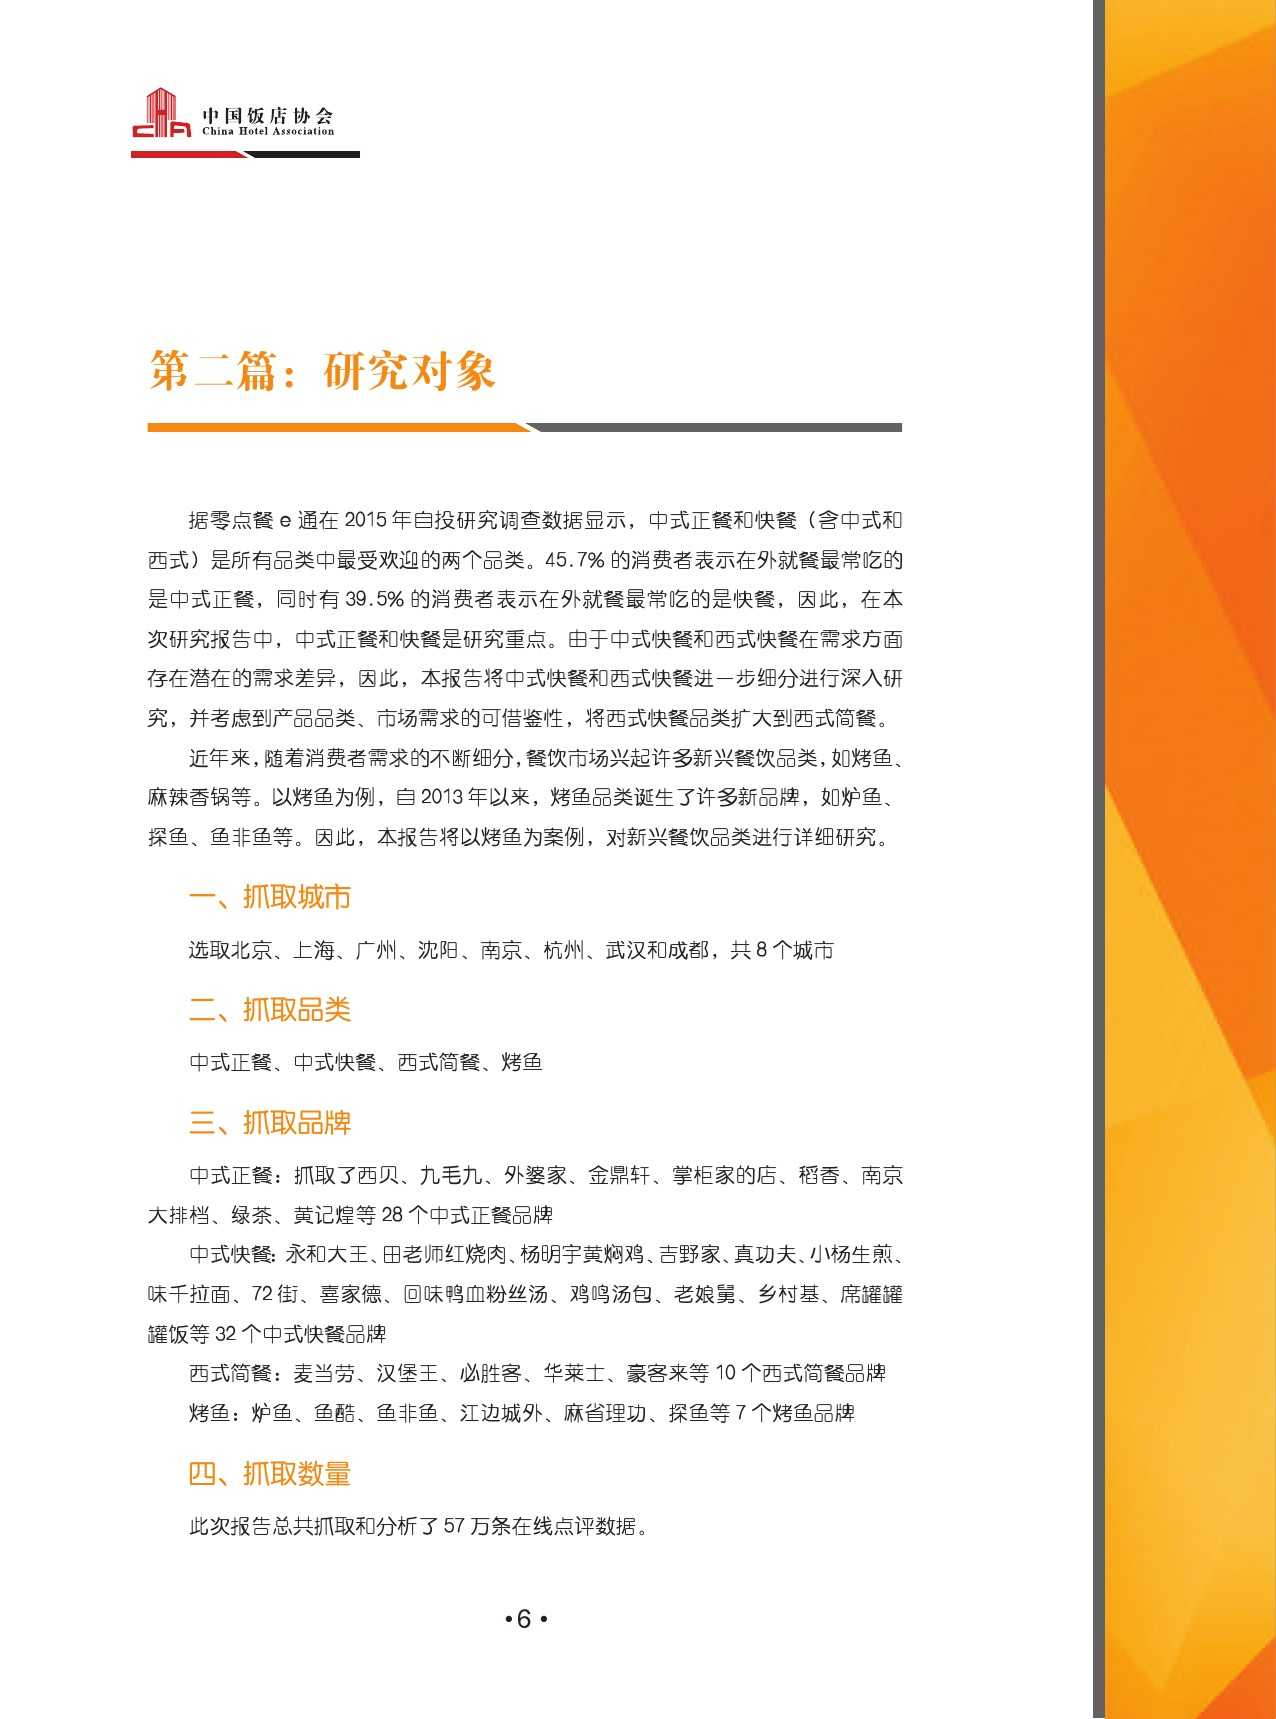 2015中国餐饮消费需求大数据分析报告_000008